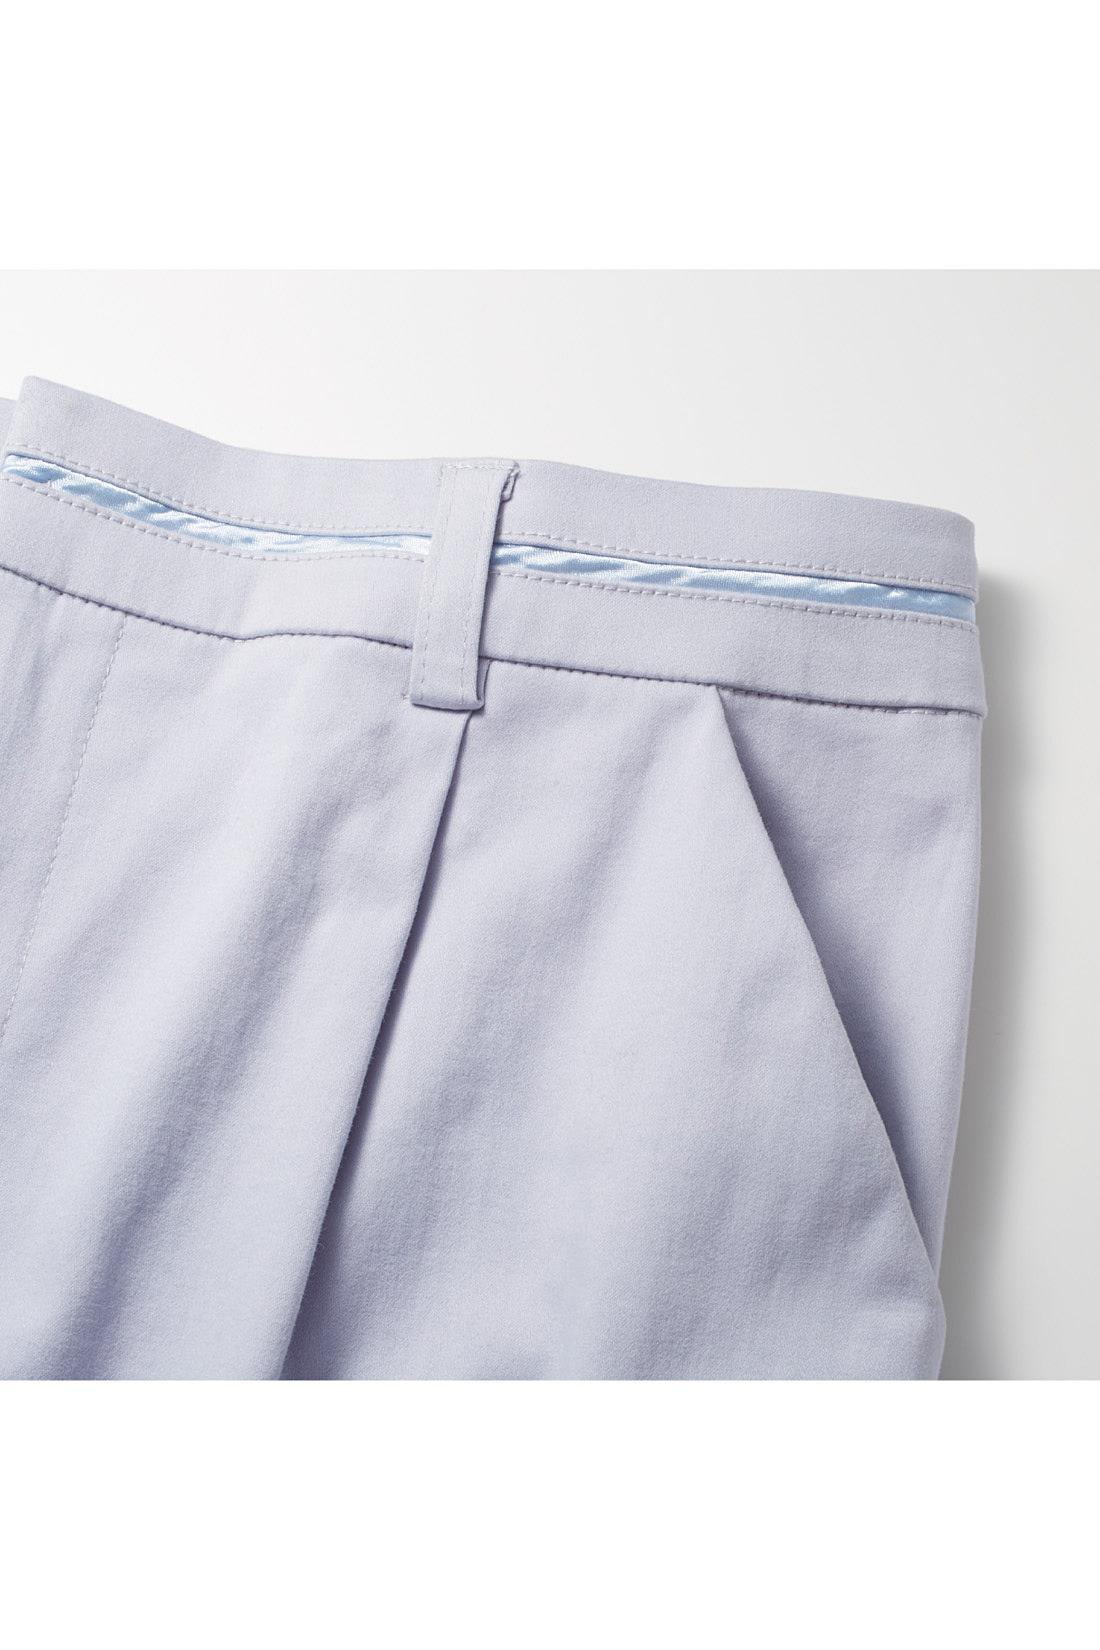 デザイン性のあるウエストまわり。サテンテープを挟んだウエストとステッチレスのポケットが細やかなこだわり。